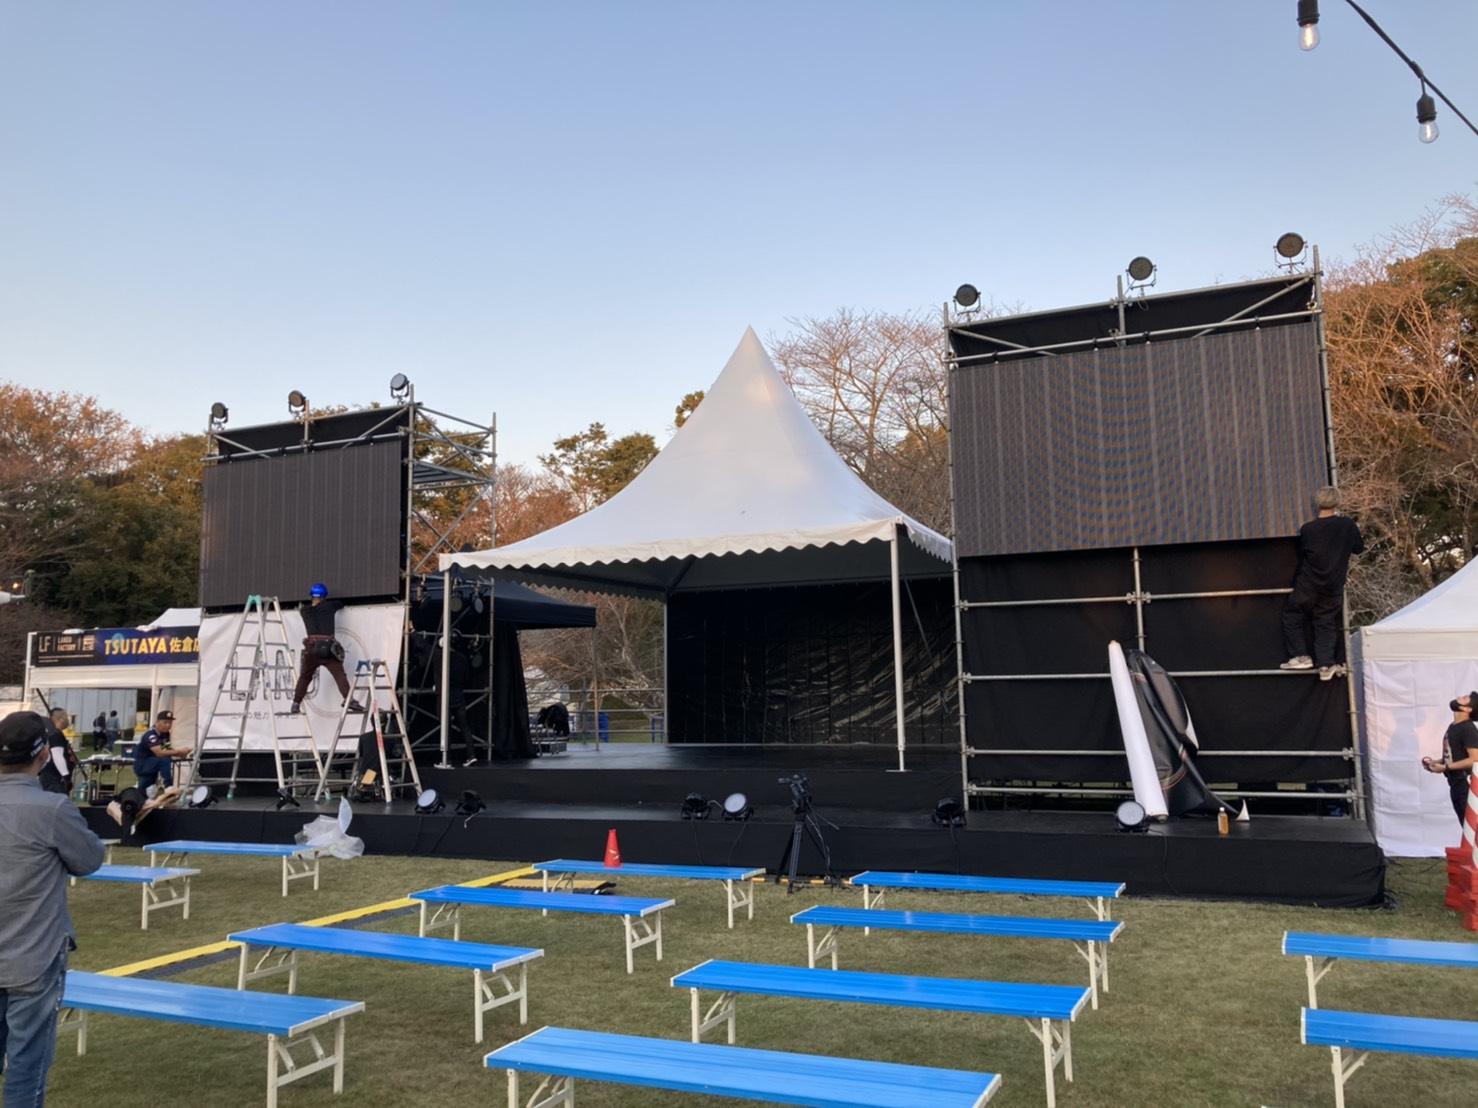 2020年10月30日.31日.11月1日開催 ランドサクラ 佐倉城址公園 会場設営風景